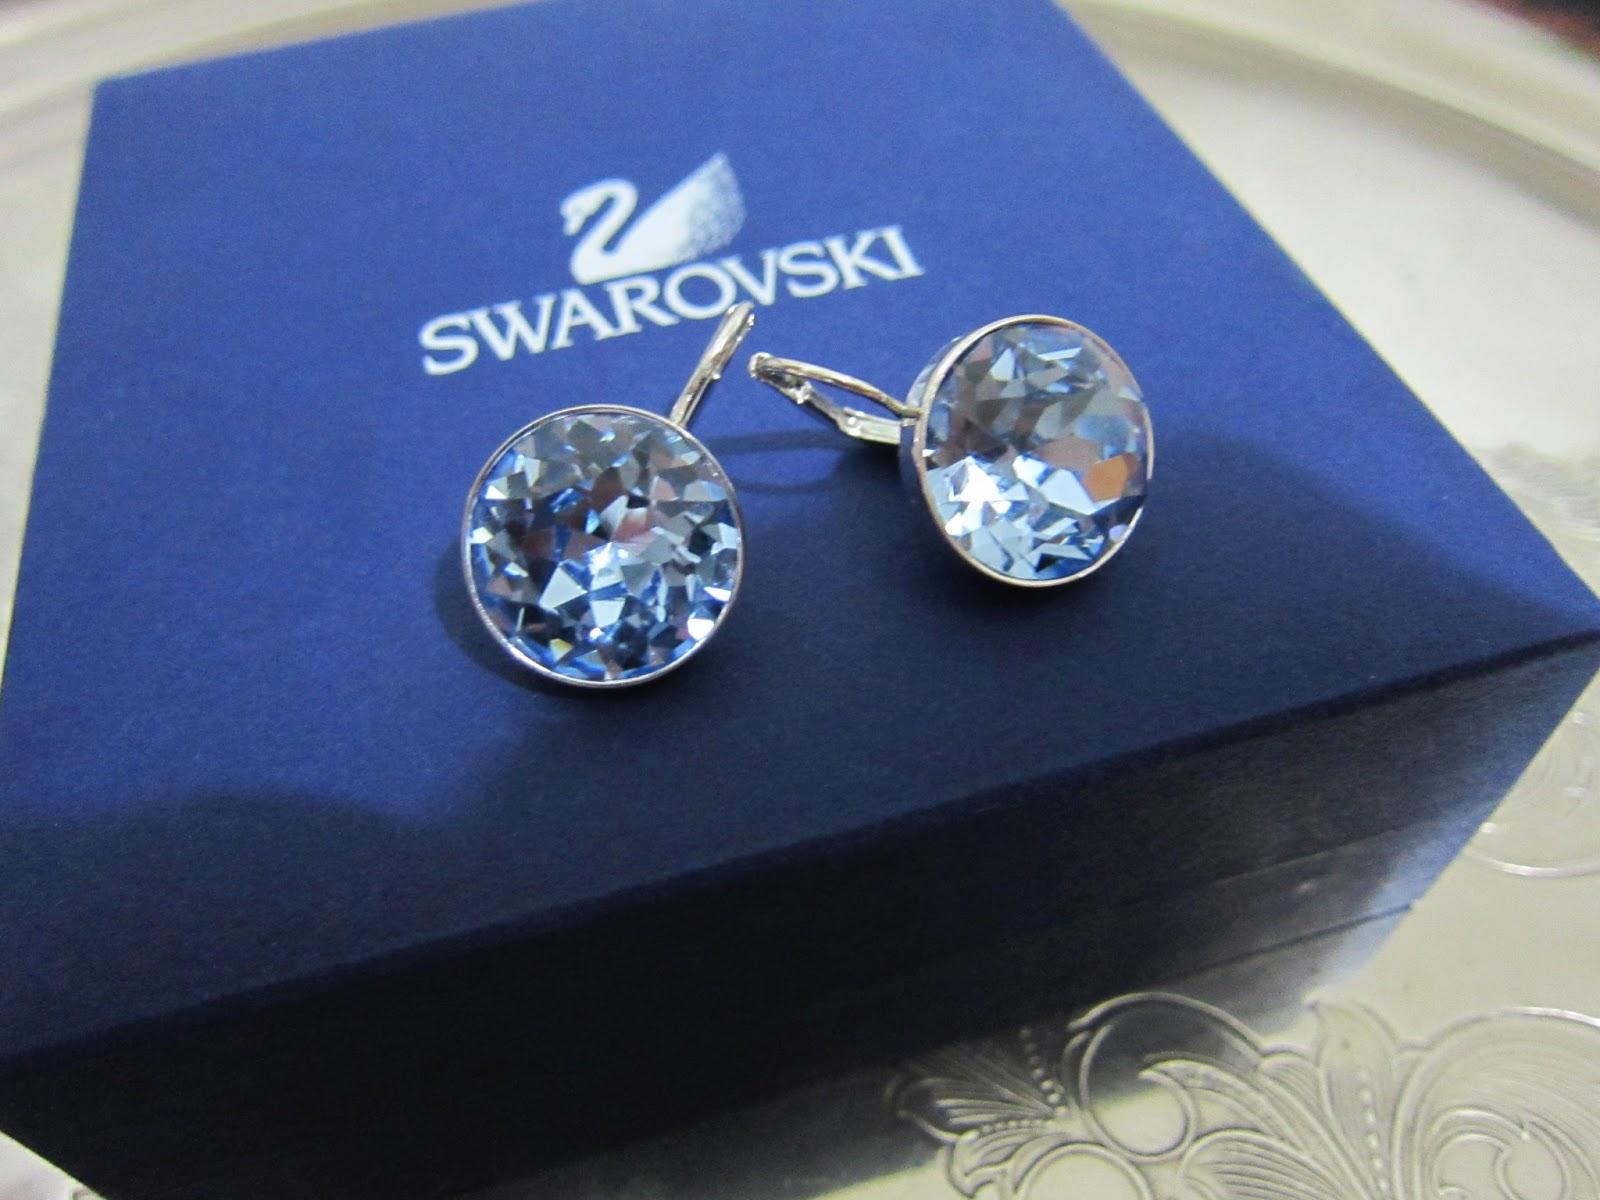 Swarovski Bella Light Shire Pierced Earrings